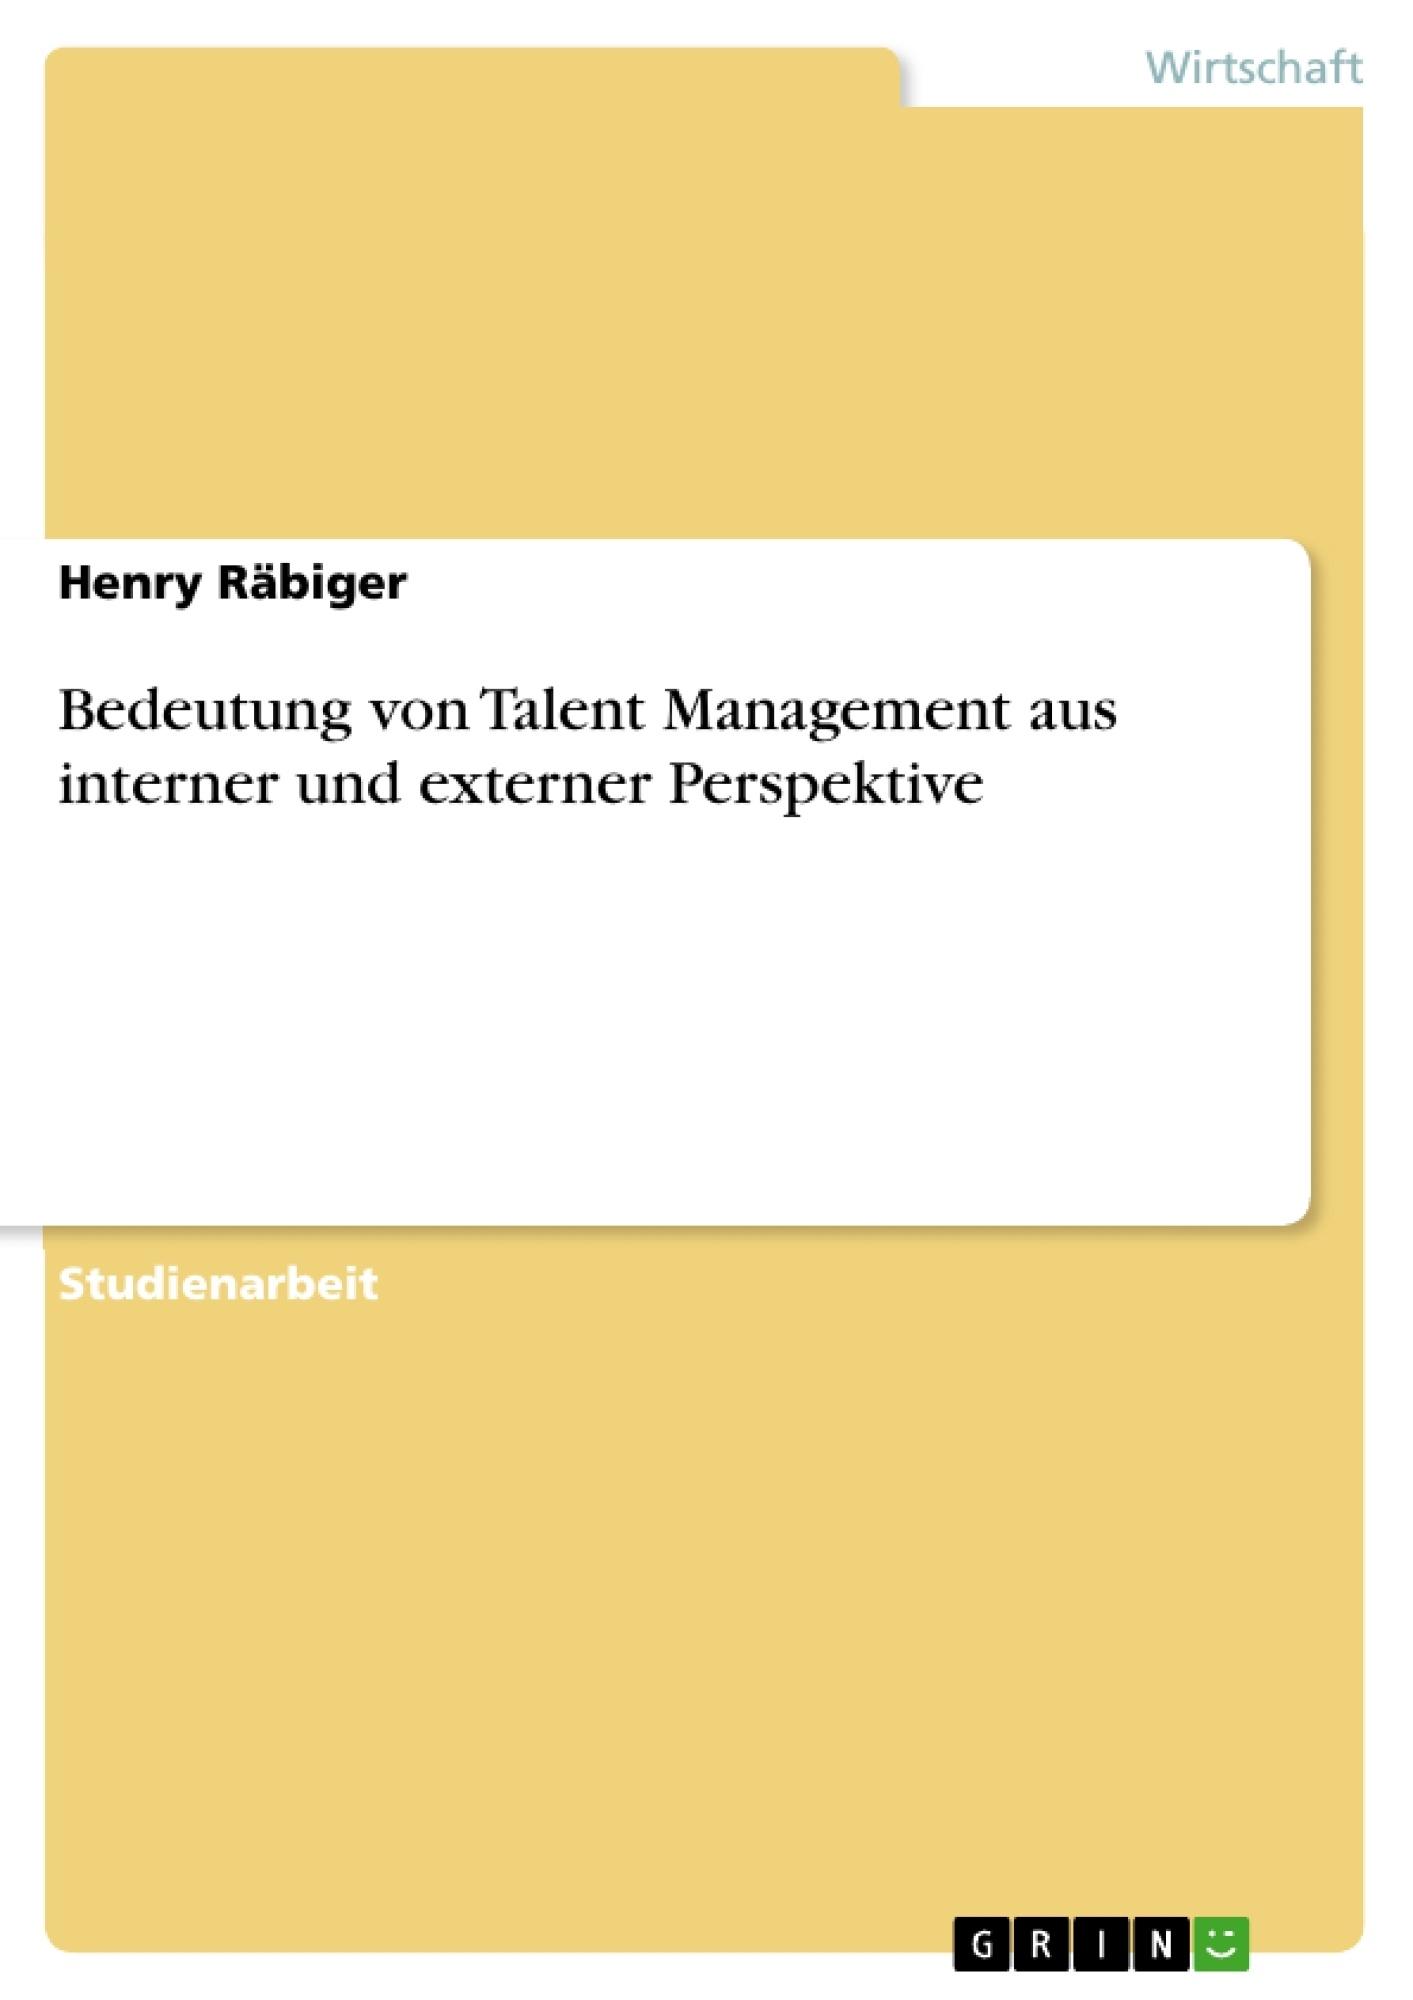 Titel: Bedeutung von Talent Management aus interner und externer Perspektive